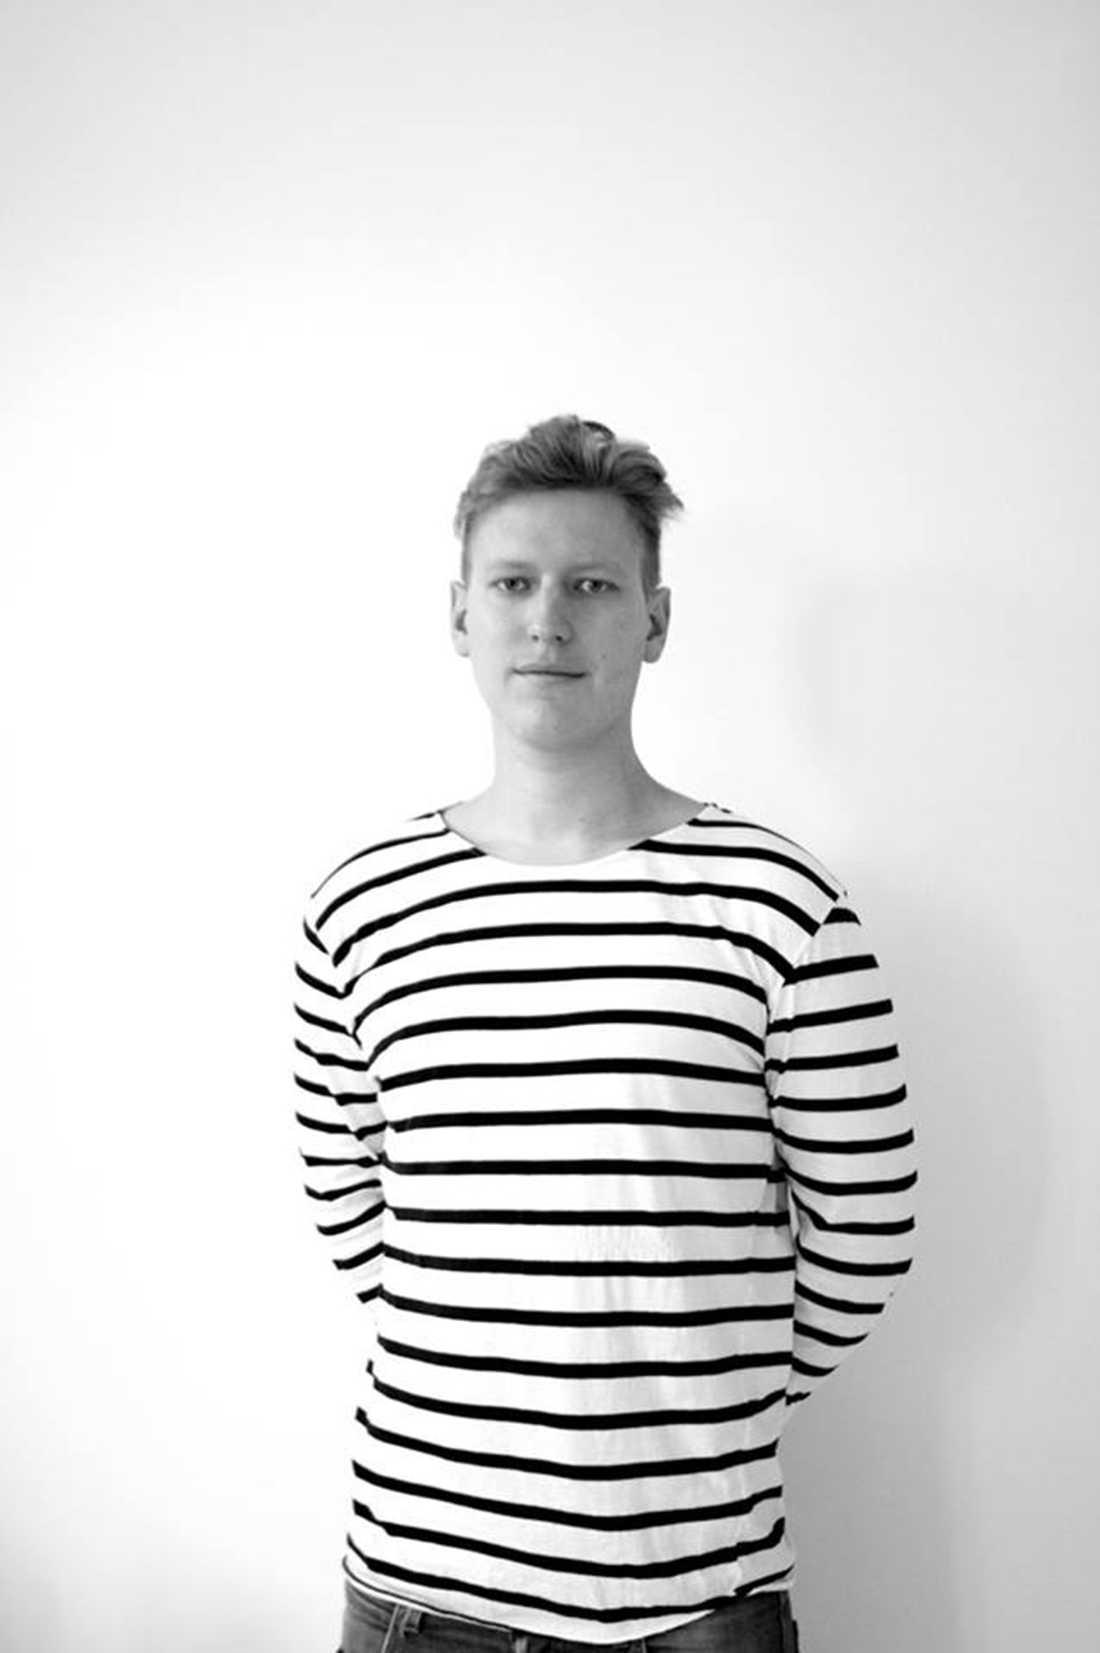 Ett stort antal kunder har även hört av sig till Aftonbladet. Alexander Hjertstedt, 28, i Malmö är en av dem. Han fick en felaktig faktura för en månad sedan.  – Den var bland annat på ett modem som inte fungerade och som jag redan hade återlämnat, säger Alexander Hjertstedt till Aftonbladet.